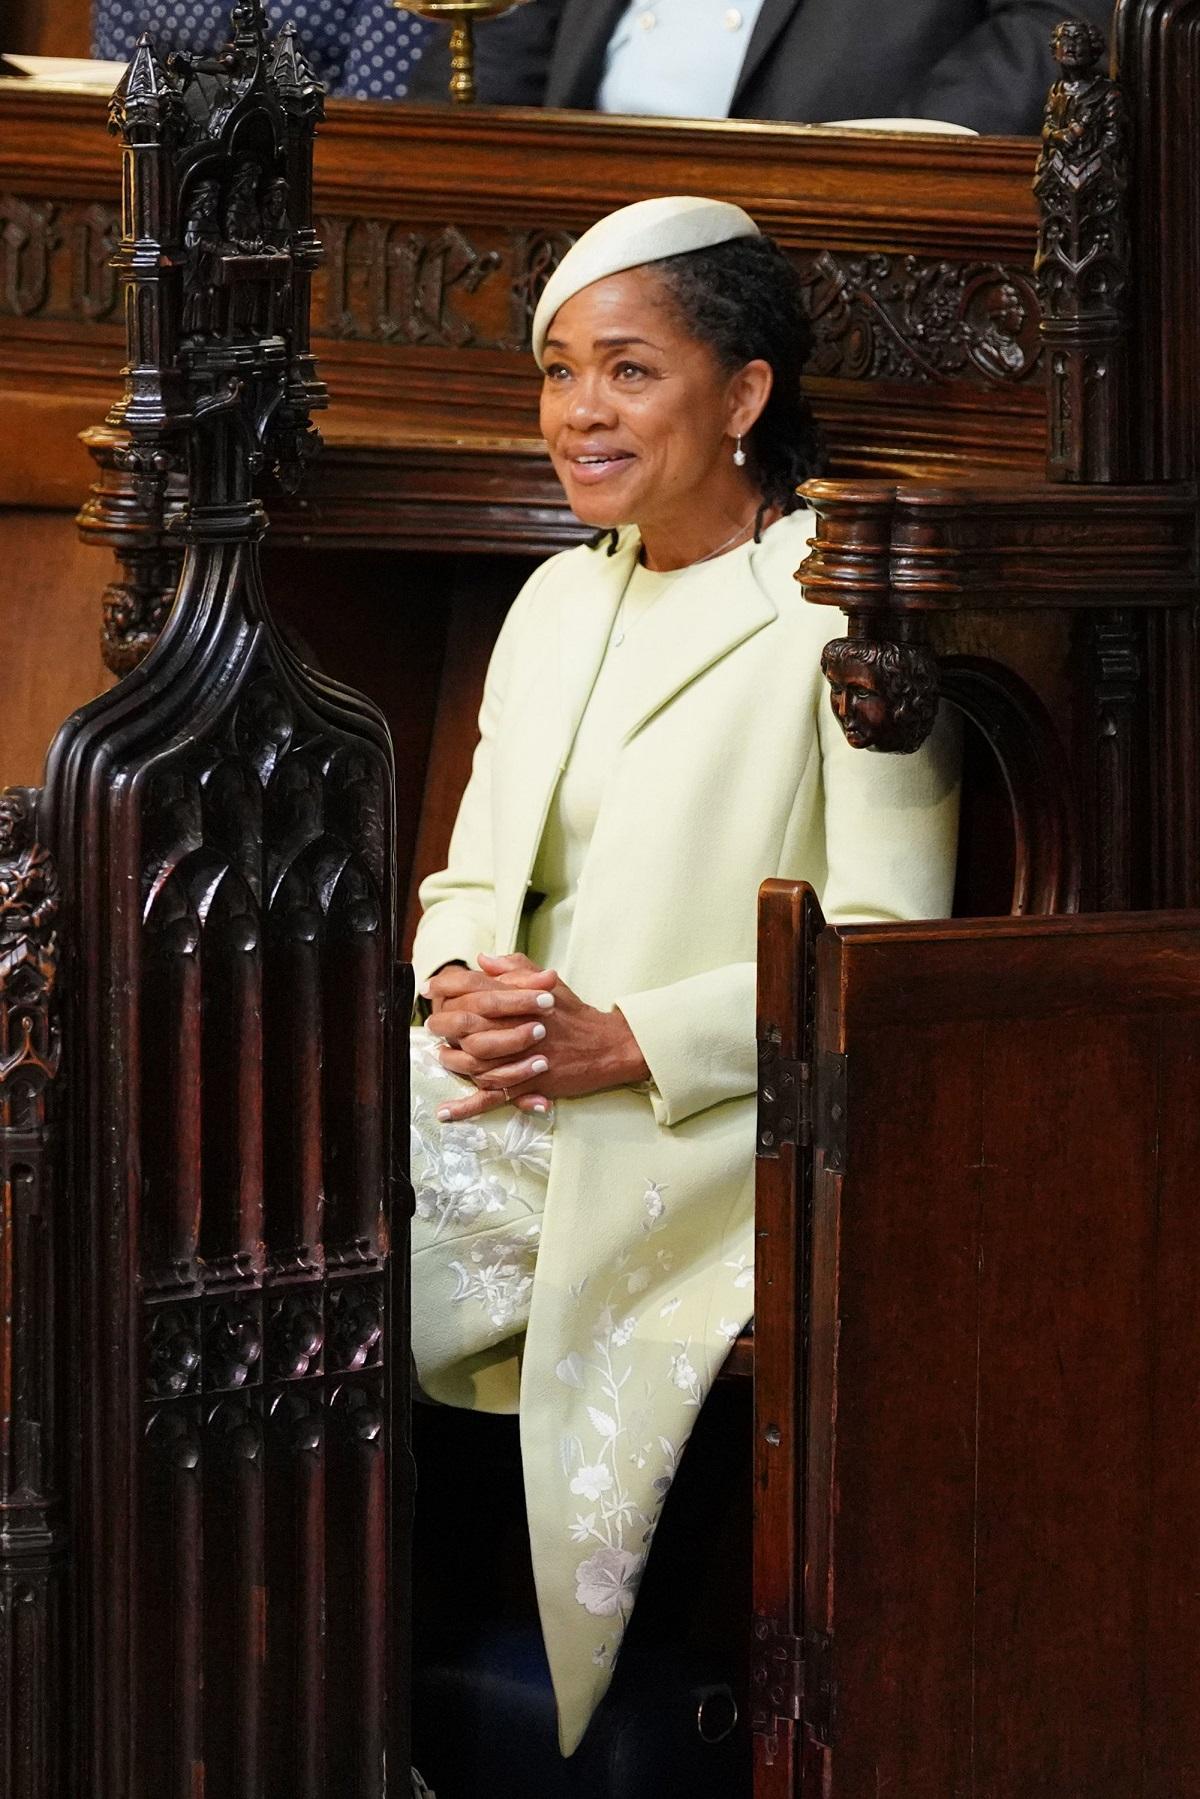 Doria Ragland îmbrăcată într-un costum alb în timp ce stă jos pe un scaun din Capela St George în timp ce așteaptă începerea ceremoniei de la nunta Prințului Harry cu fiica sa Meghan Markle în data de 19 mai 2018